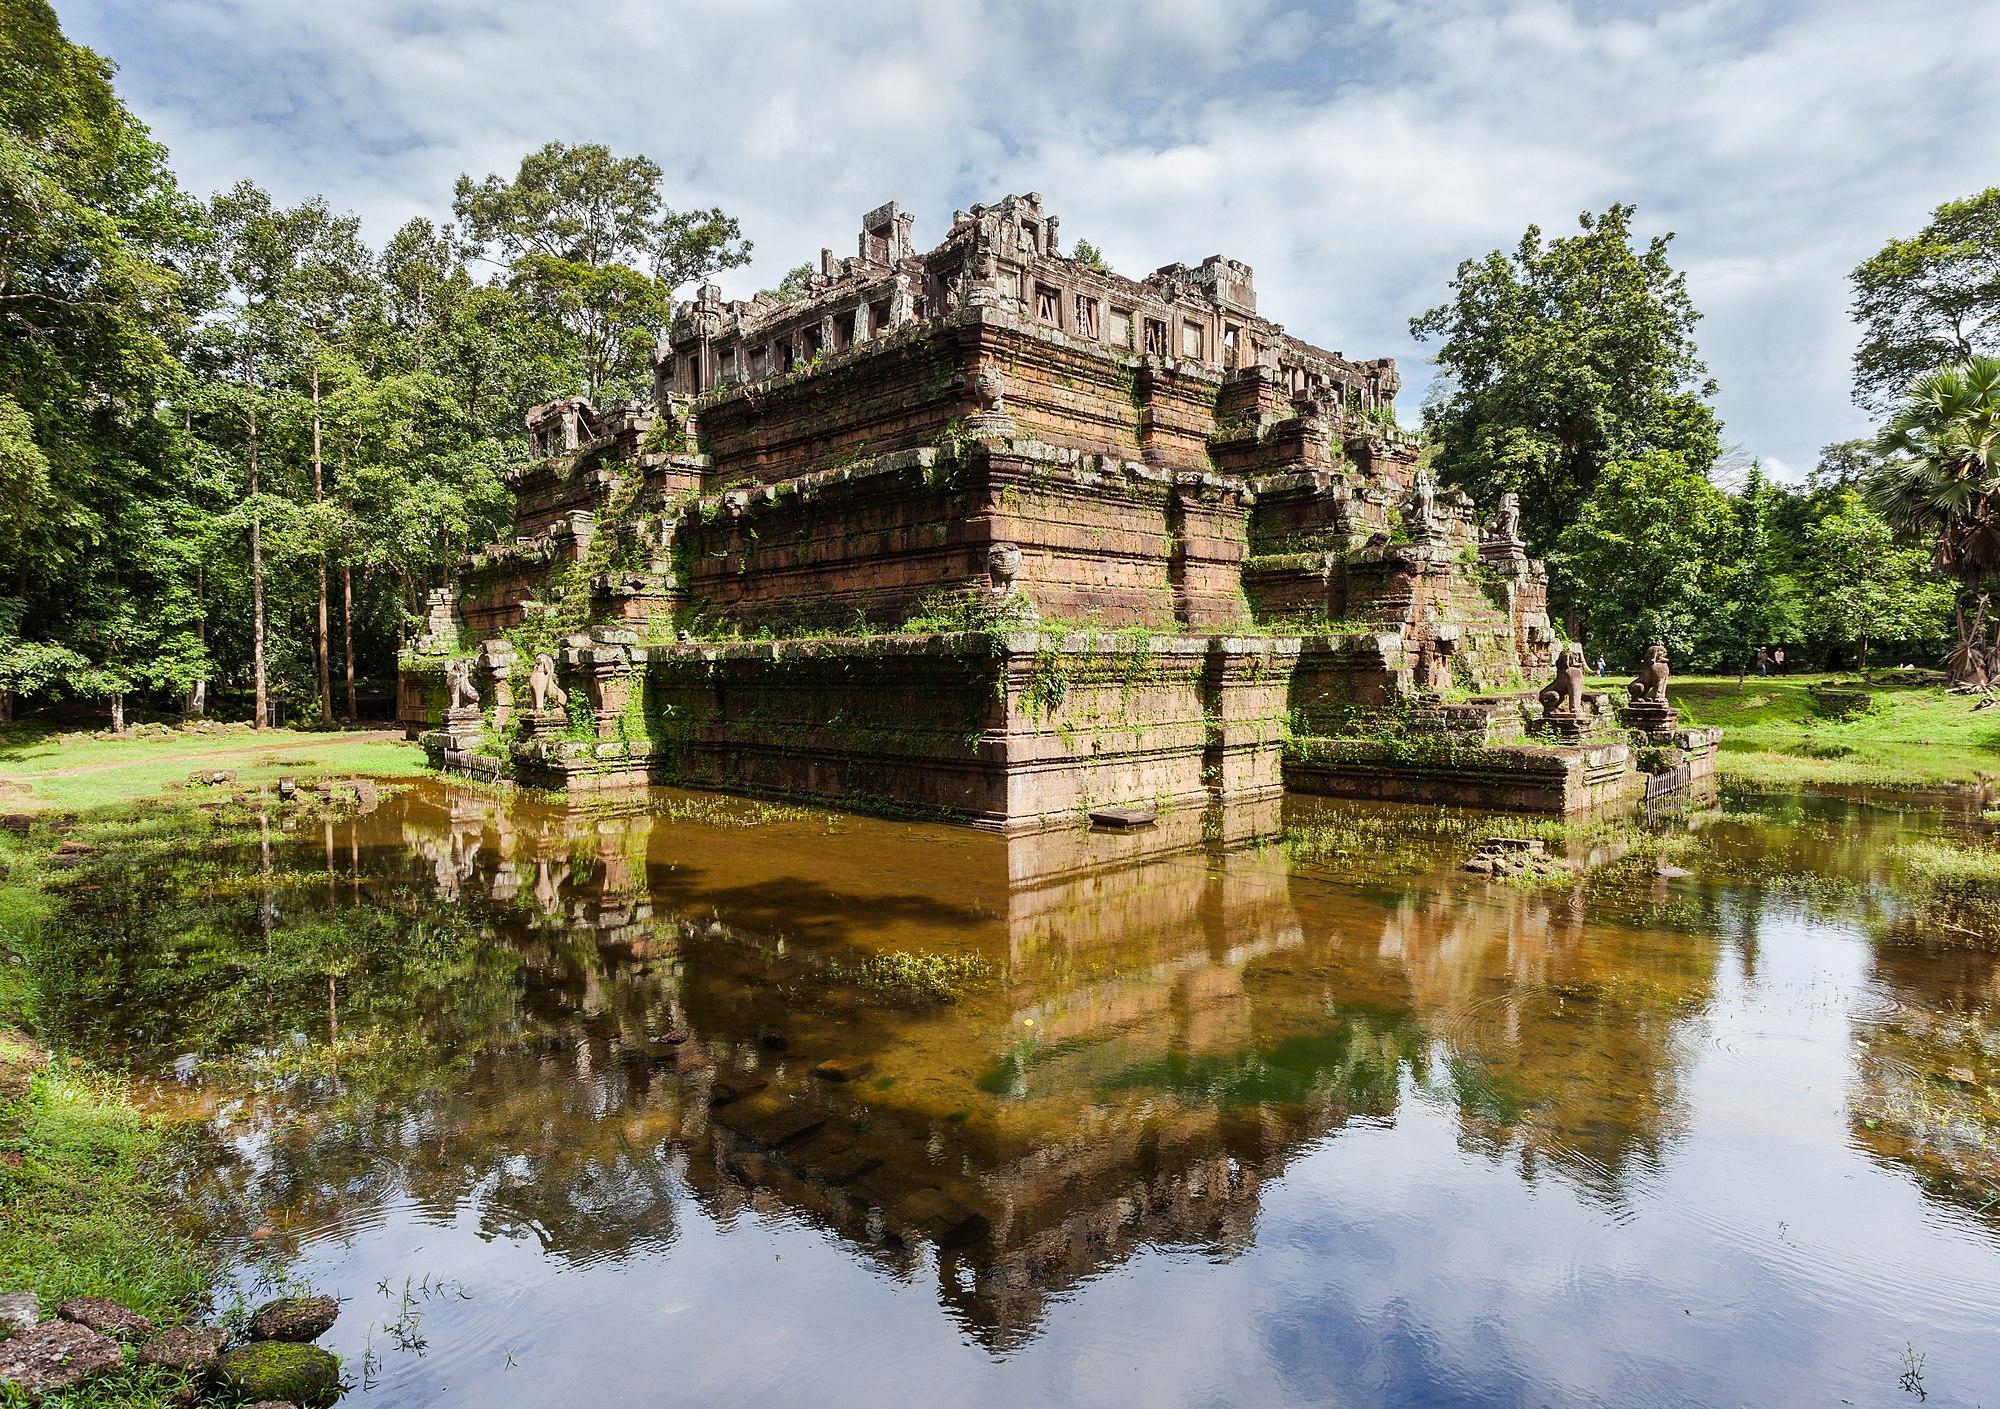 Phimeanakas, Angkor Thom, Cambodia